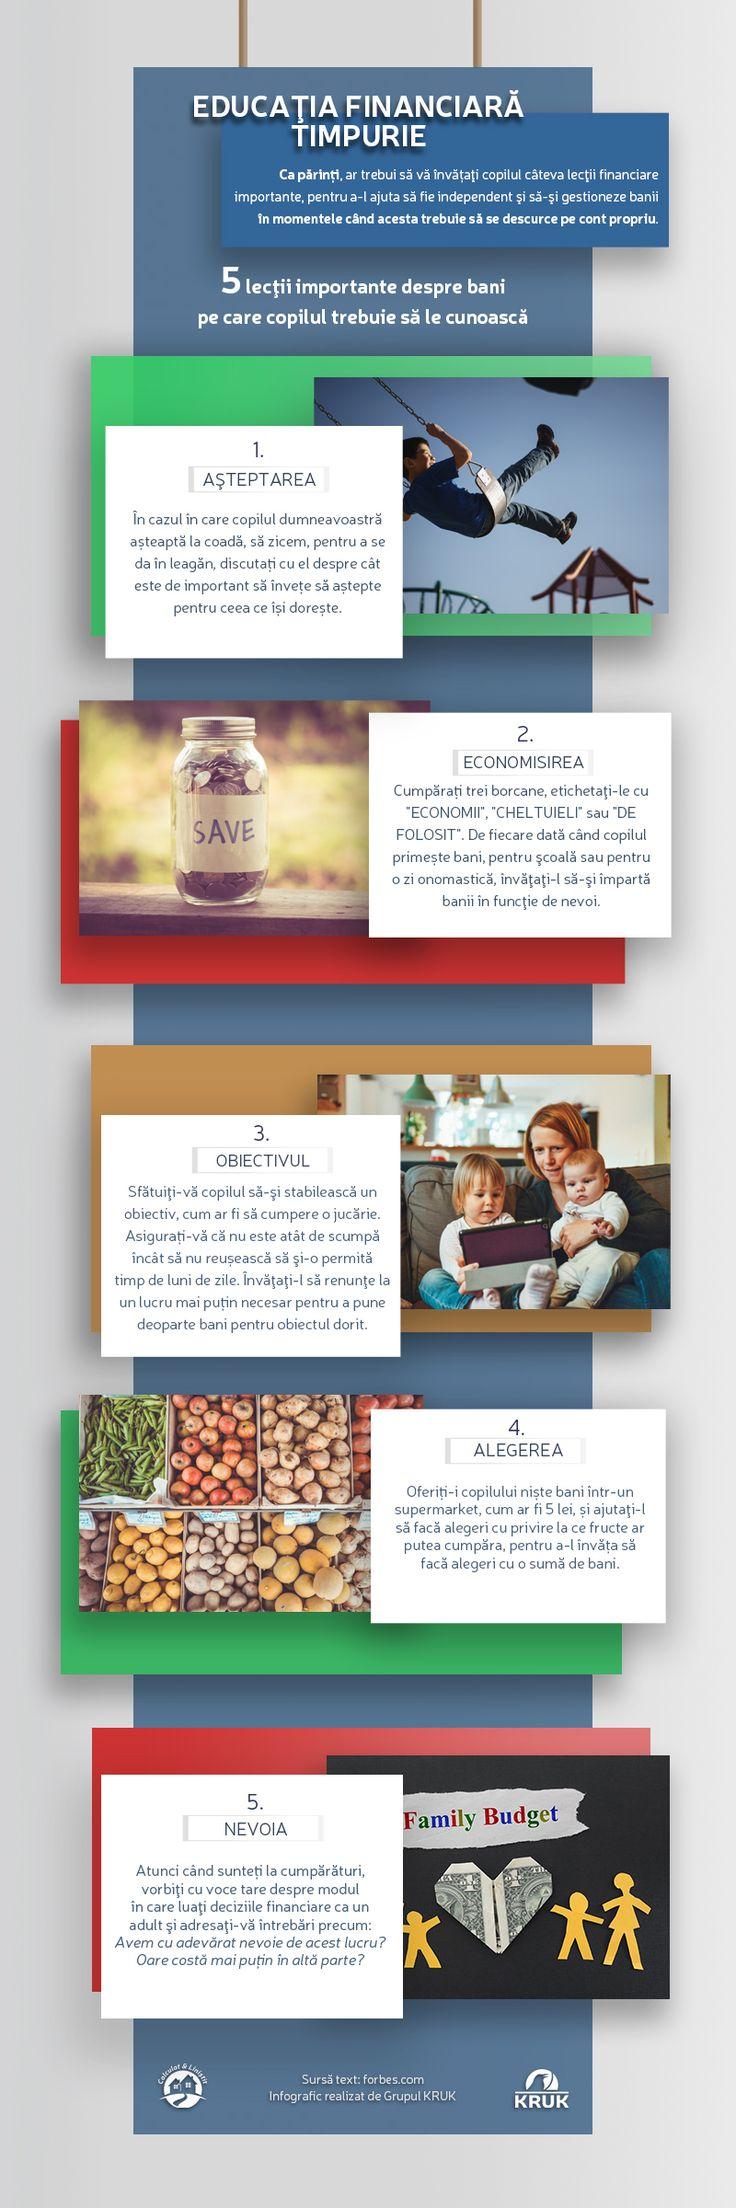 Infografic educatie financiara- cum sa-ti educi financiar copilul din timp. Mai multe informatii despre educatia financiara timpurie gasiti aici: http://www.datoriamea.ro/poradnik/infografic-educatia-financiara-timpurie-5-lectii-importante-despre-bani/